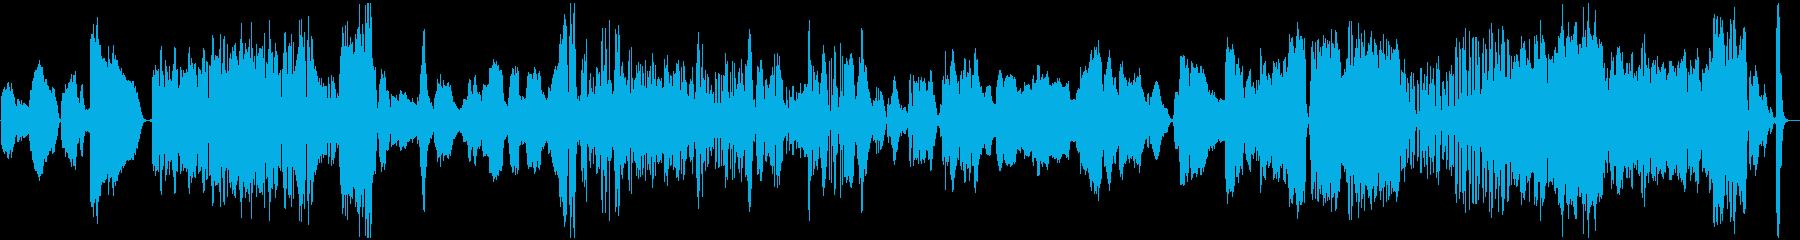 コンテンポラリー。ジャズ。の再生済みの波形